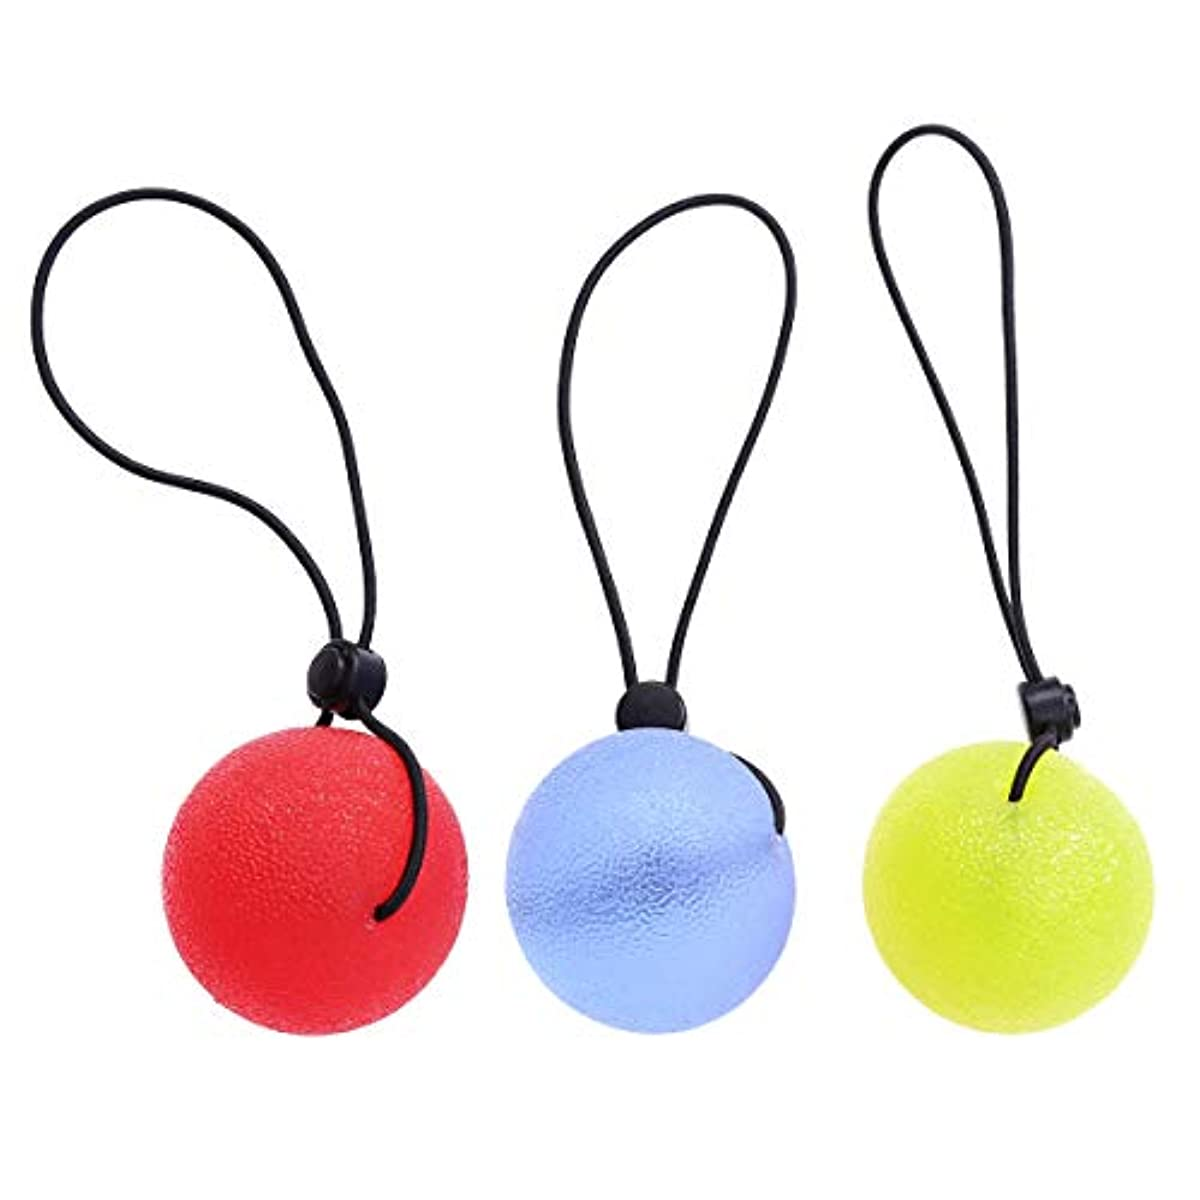 安全なクレデンシャル財政SUPVOX 3個シリコーングリップボールハンドエクササイズボールハンドセラピー強化剤トレーナー